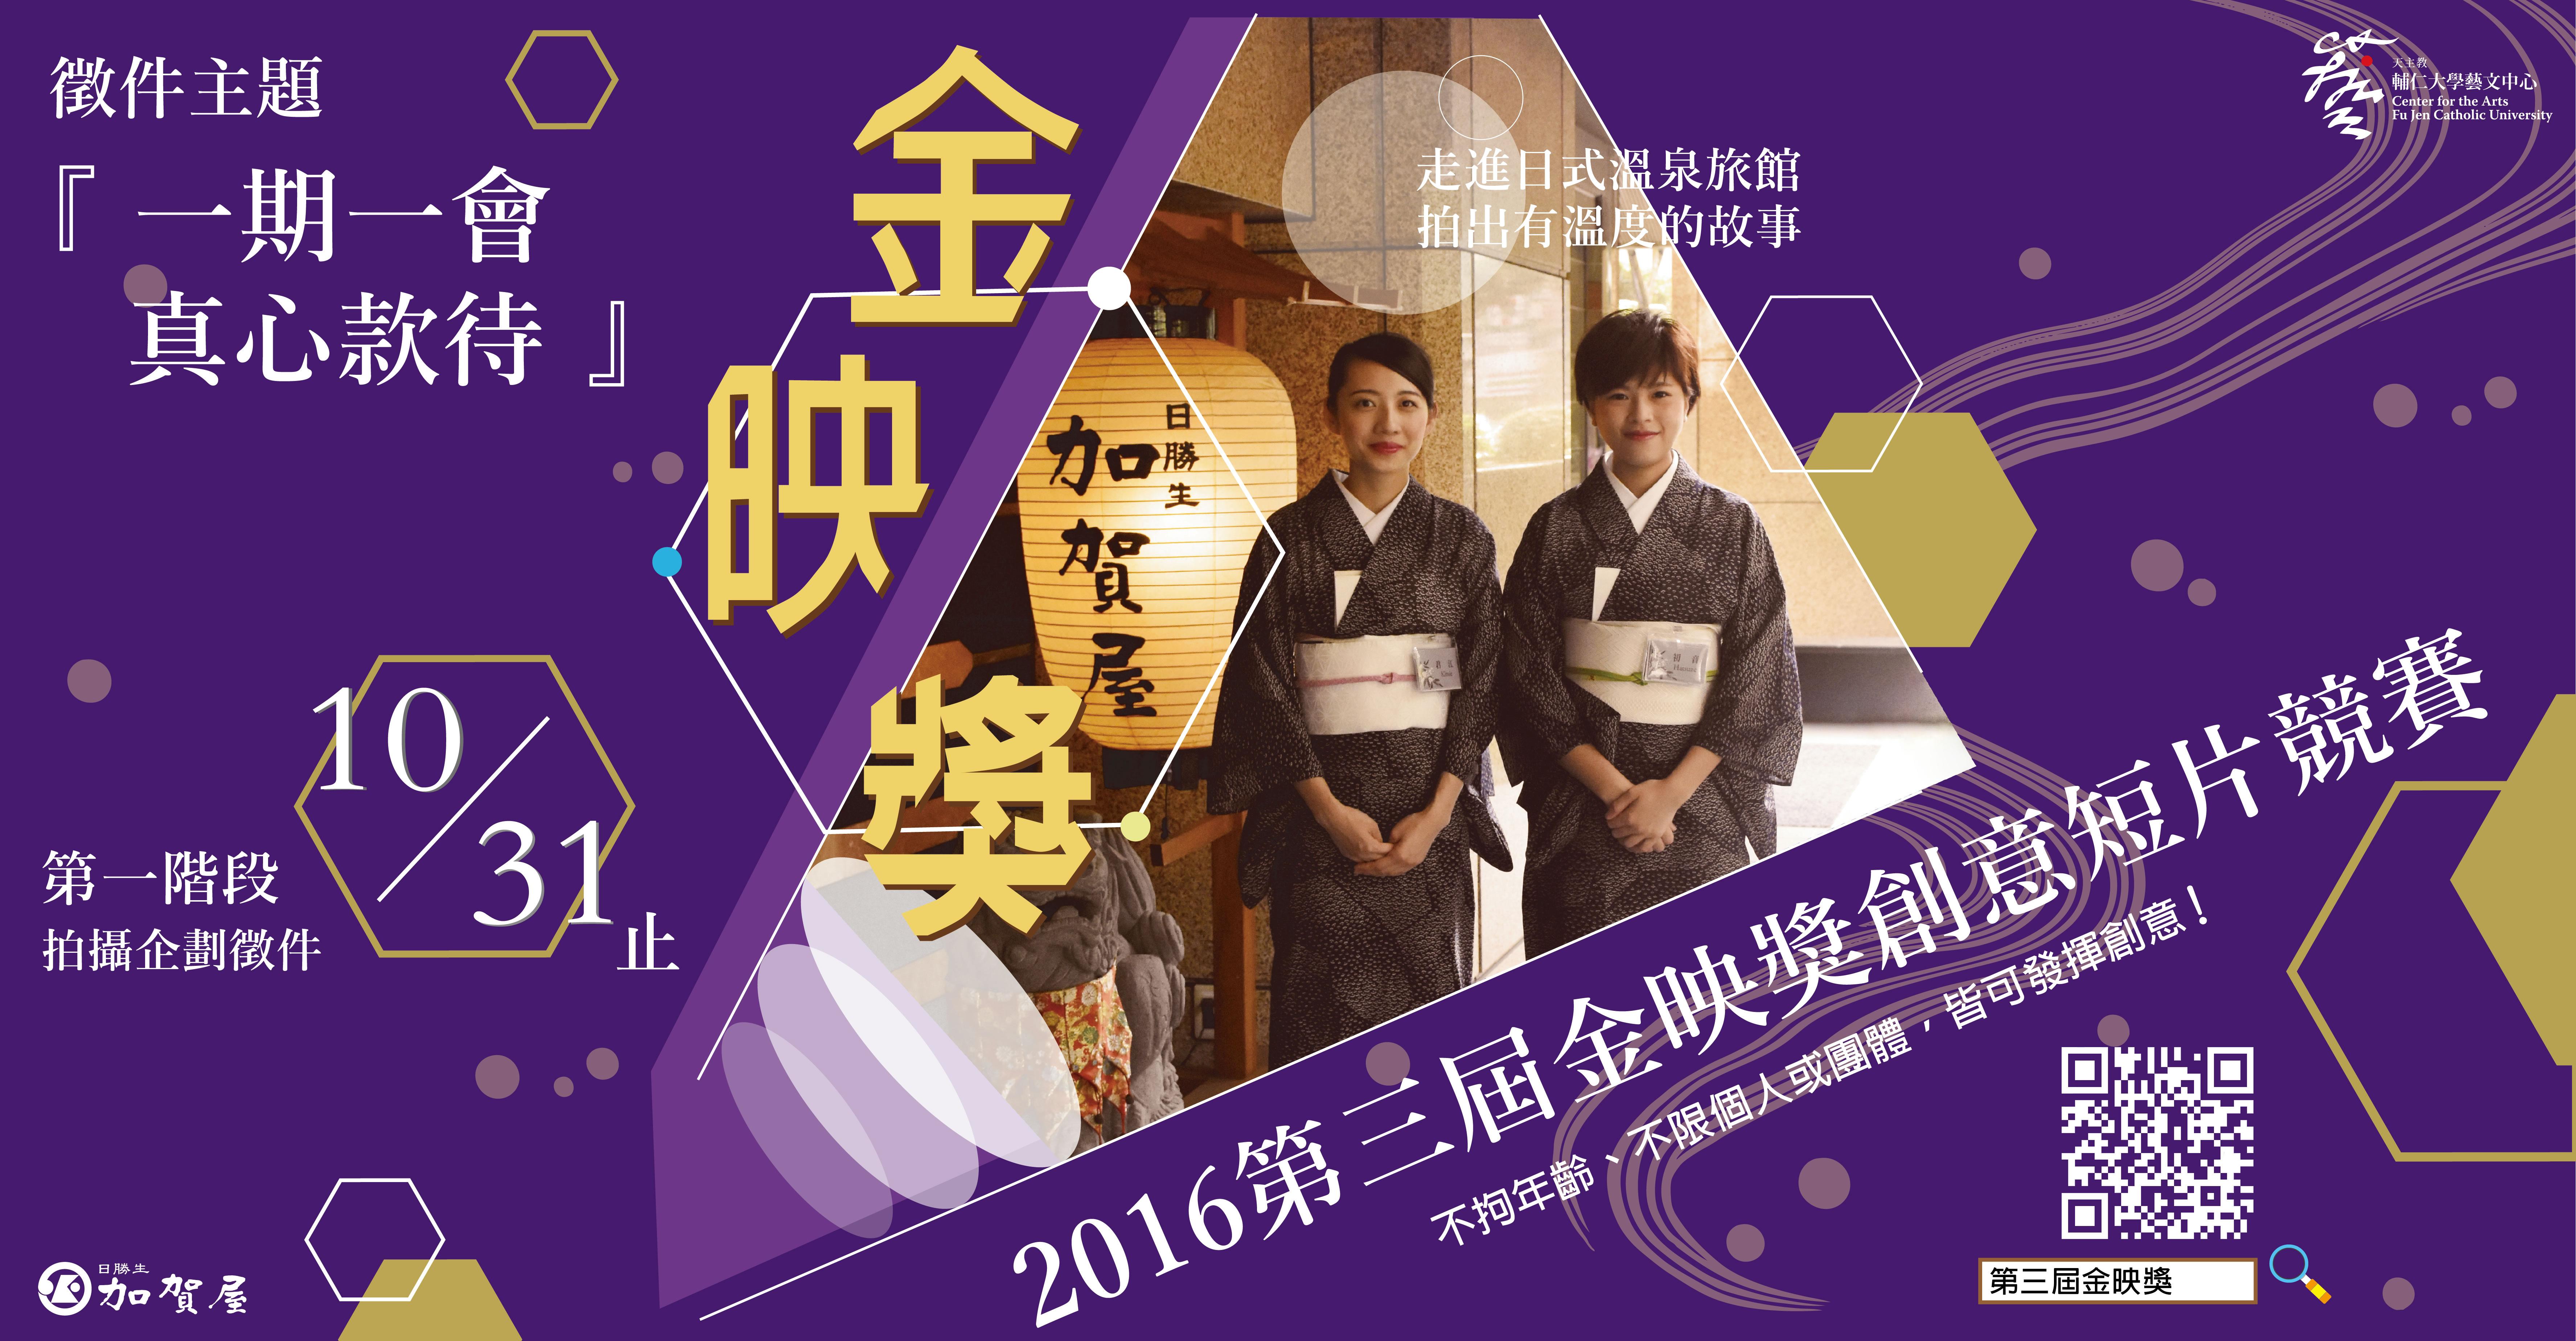 2016第三屆金映獎創意短片競賽